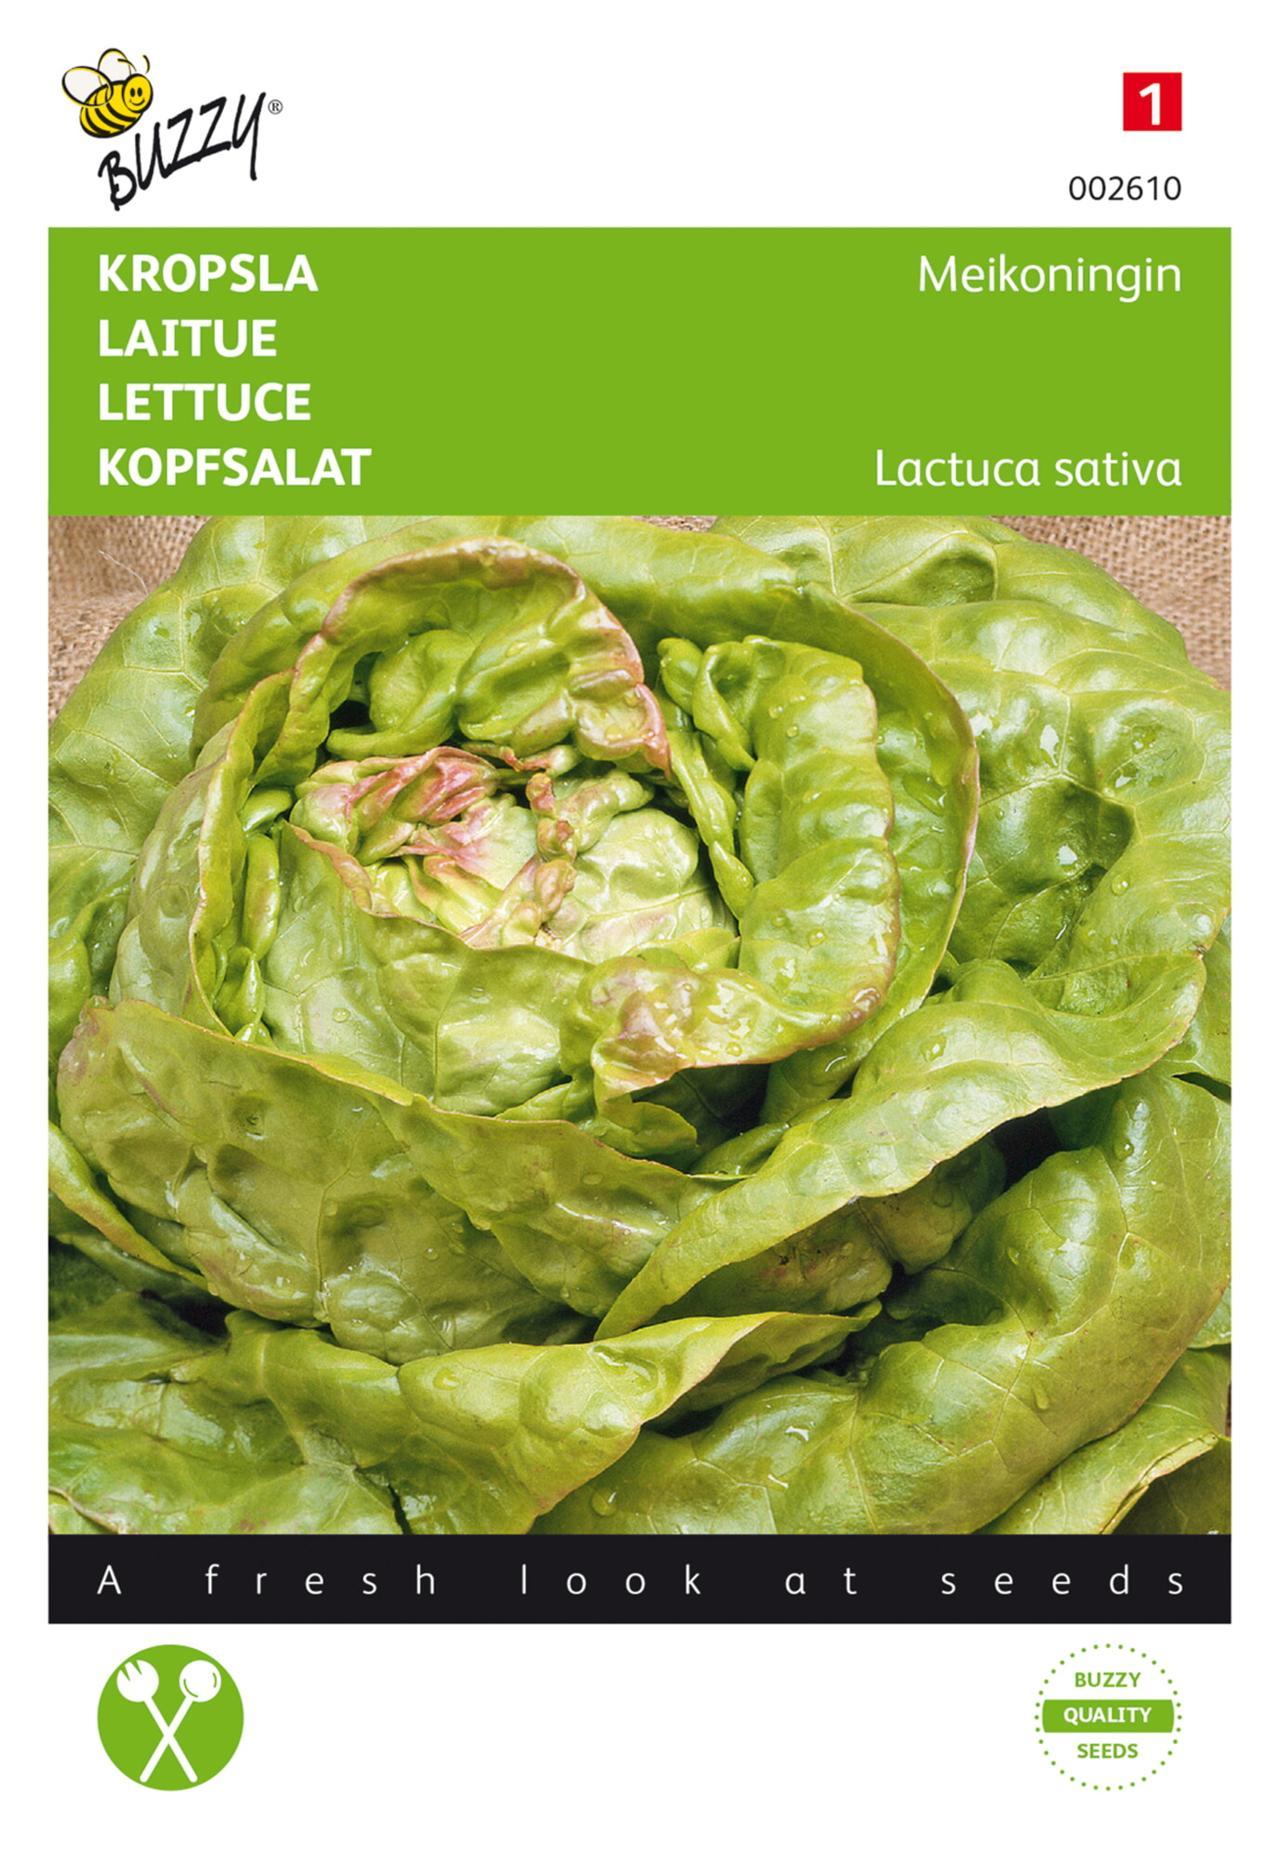 Lactuca sativa 'Meikoningin' plant